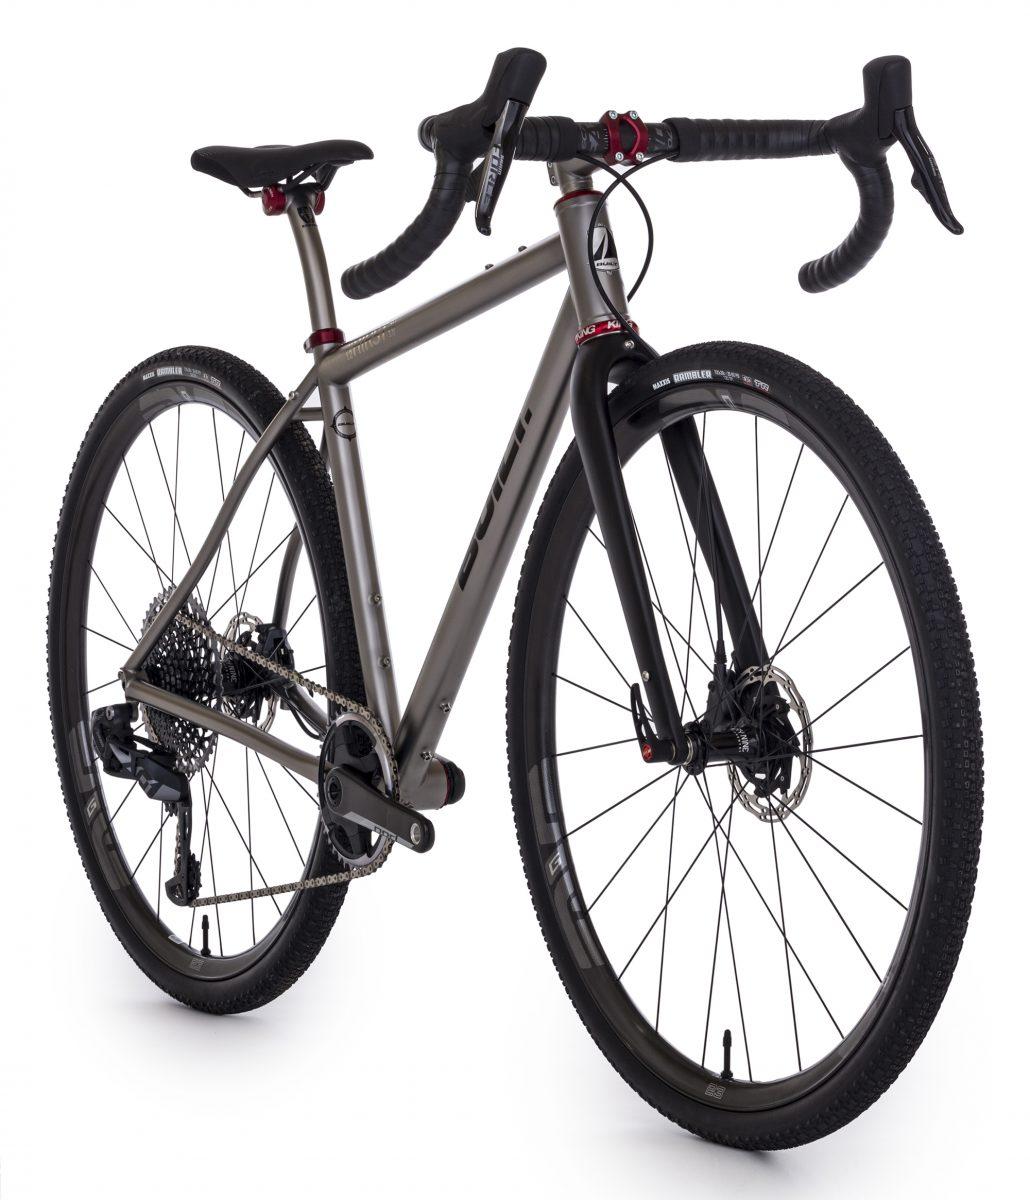 Bingham Built Gravel Bike